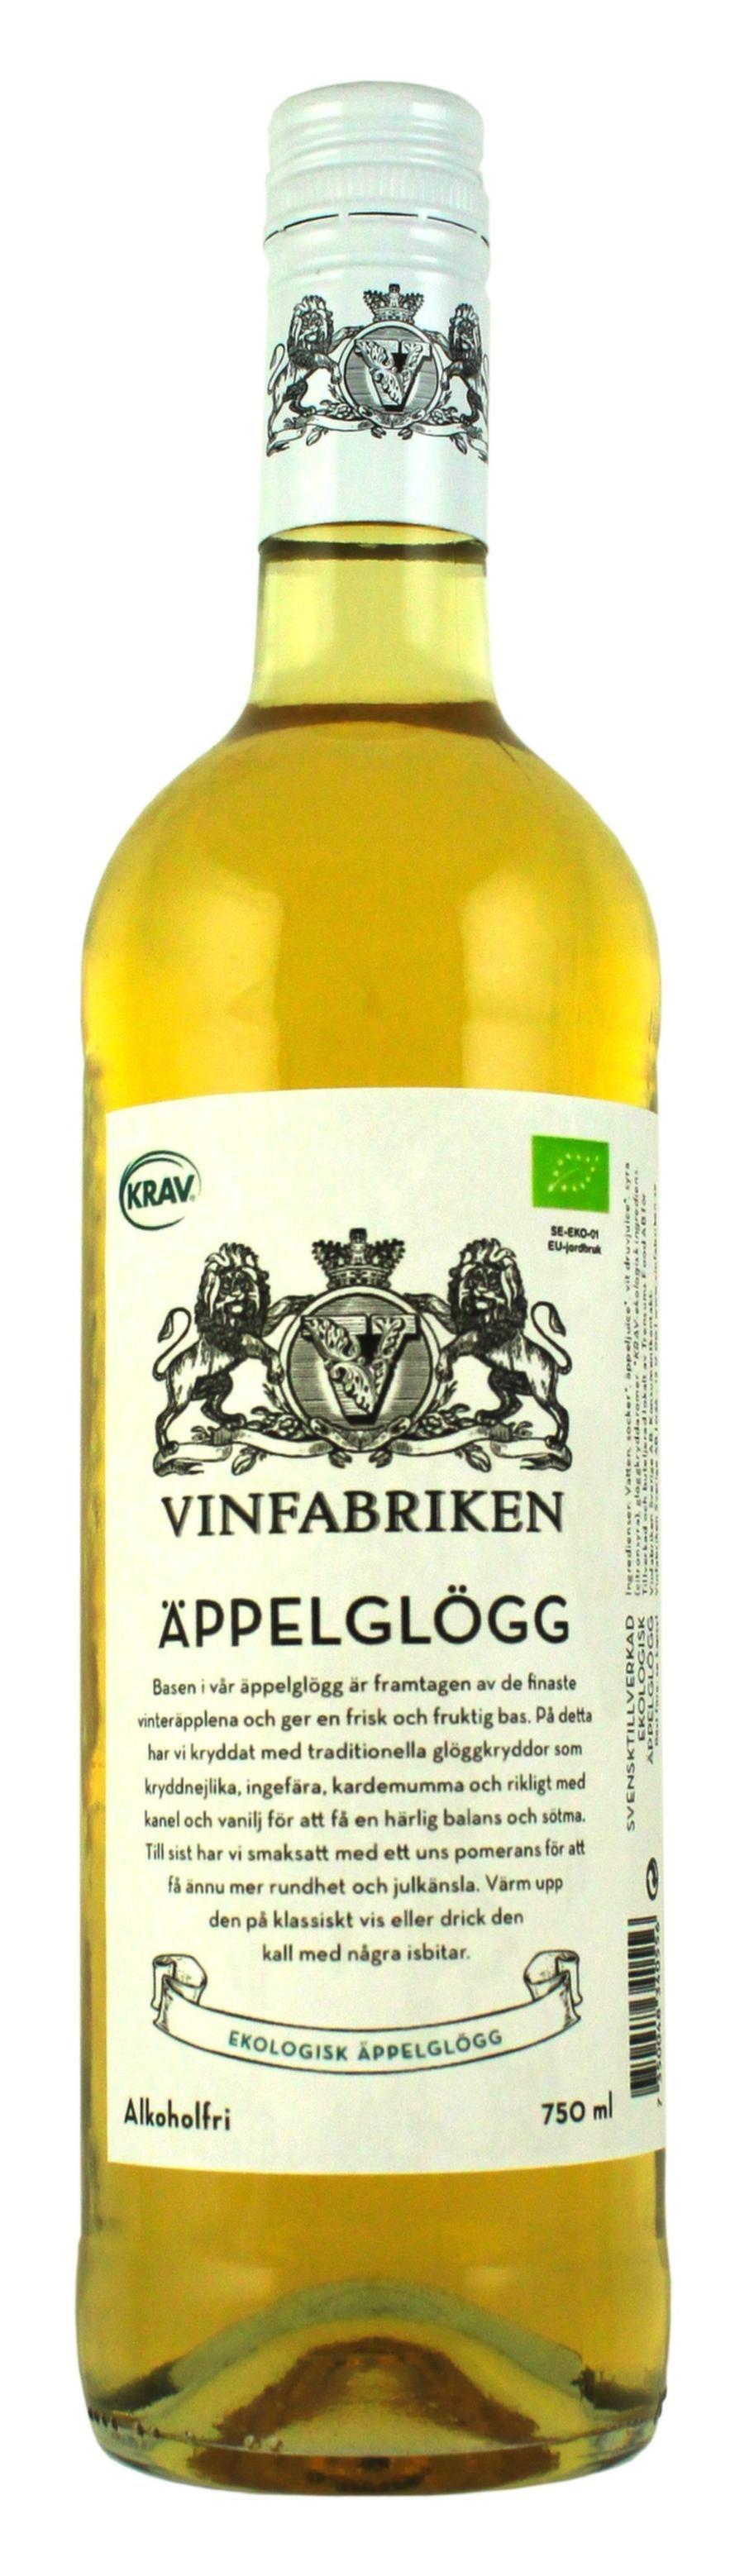 """<strong>Vi börjar med alkoholfri glögg:</strong><br>Vinfabriken Äppelglögg (99543) 0,0%, 29 kr<br>Vit kravmärkt glögg med fräsch, ren smak av syrliga äpplen, citrus och kanel. Drag av äppelkaka. God både varm och kall.<br><exp:icon type=""""wasp""""></exp:icon><exp:icon type=""""wasp""""></exp:icon><exp:icon type=""""wasp""""></exp:icon><exp:icon type=""""wasp""""></exp:icon><exp:icon type=""""wasp""""></exp:icon>"""